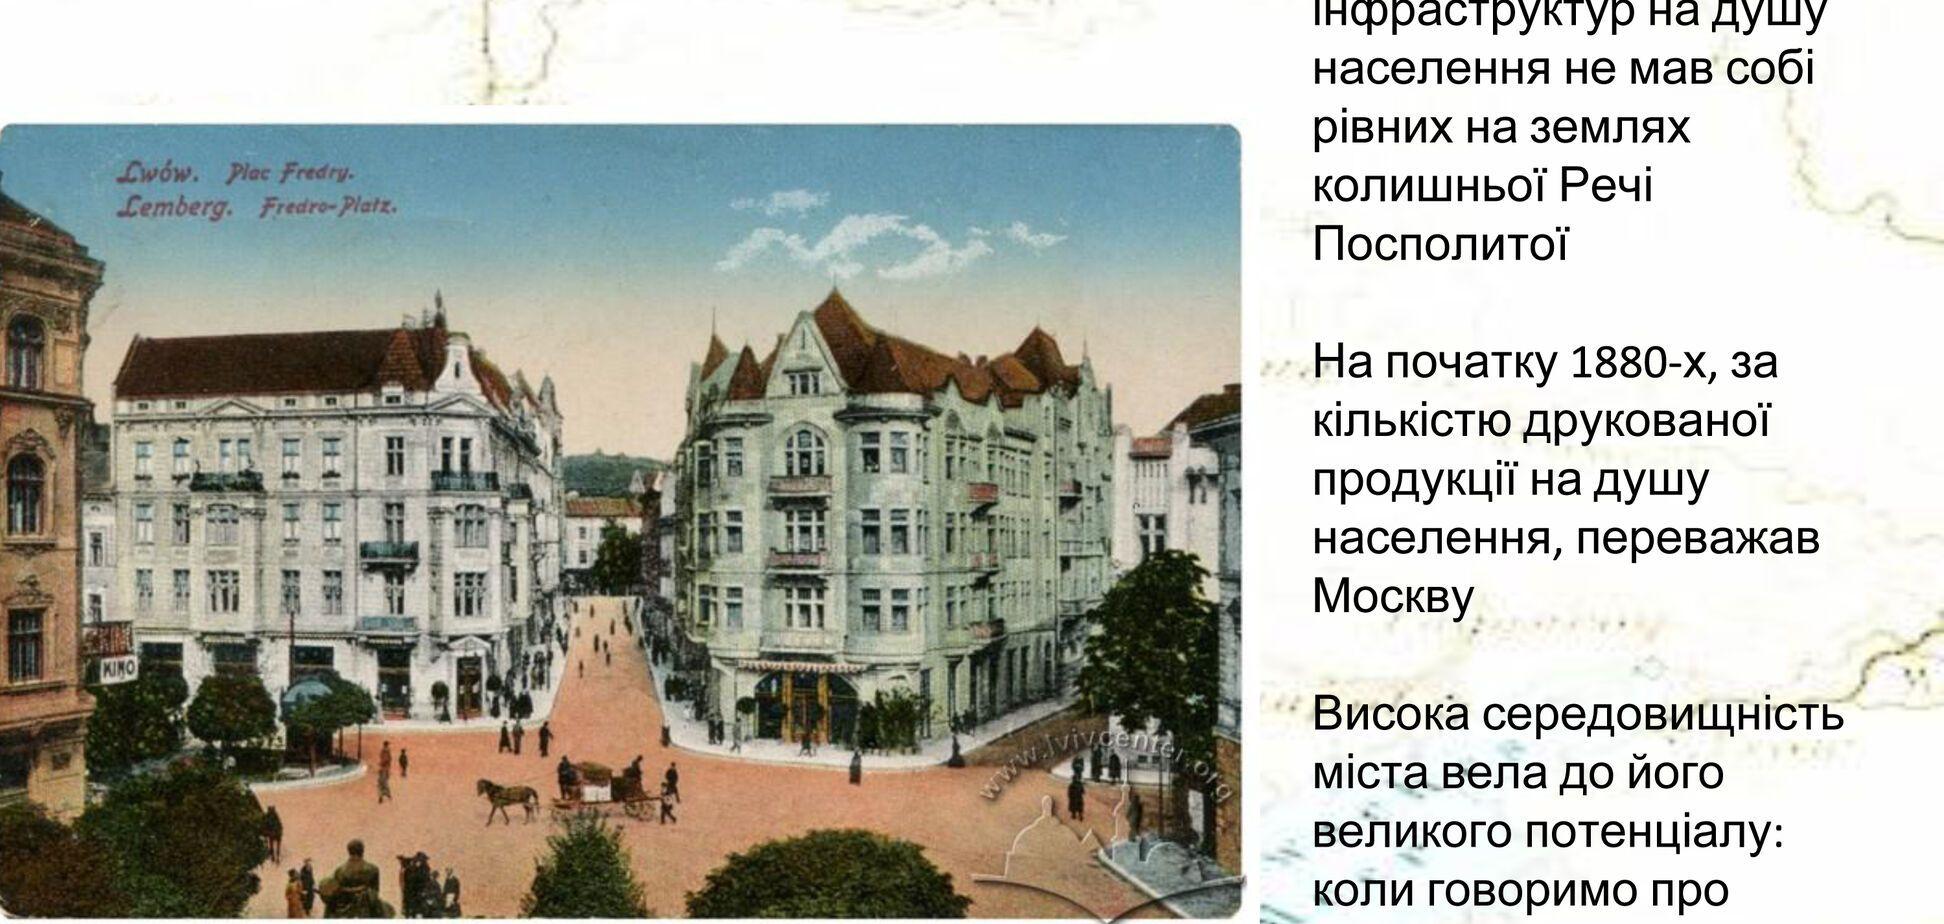 Галичини, як і Київської Русі, не існувало